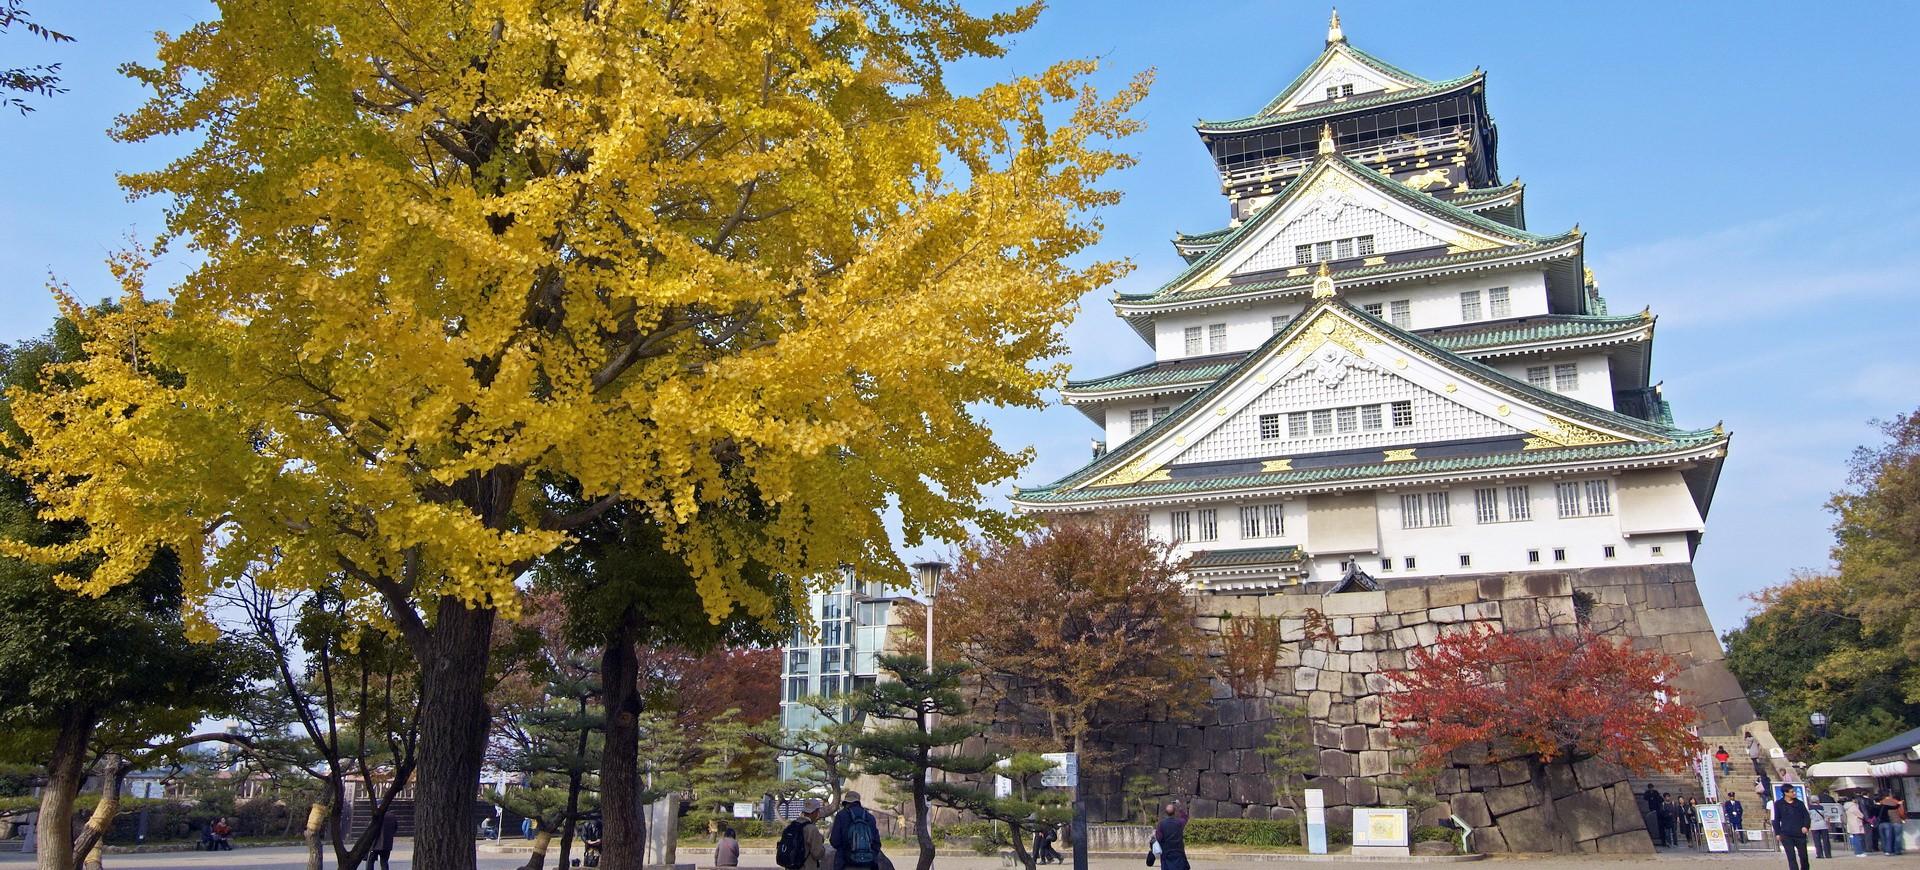 Temple à Osaka au Japon